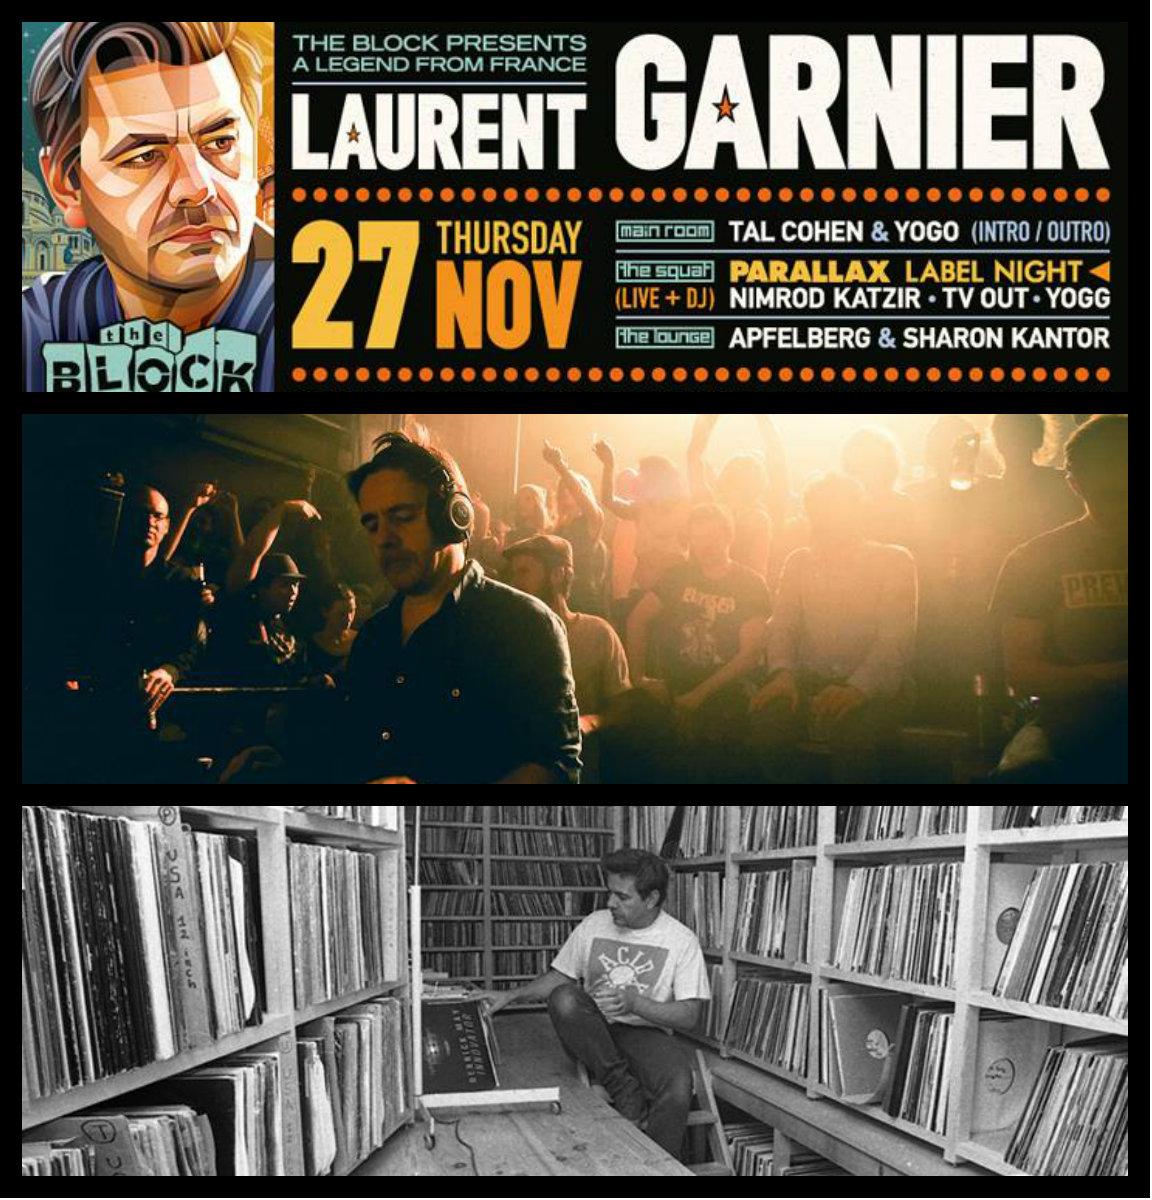 Laurent Garnier @ Tel-Aviv